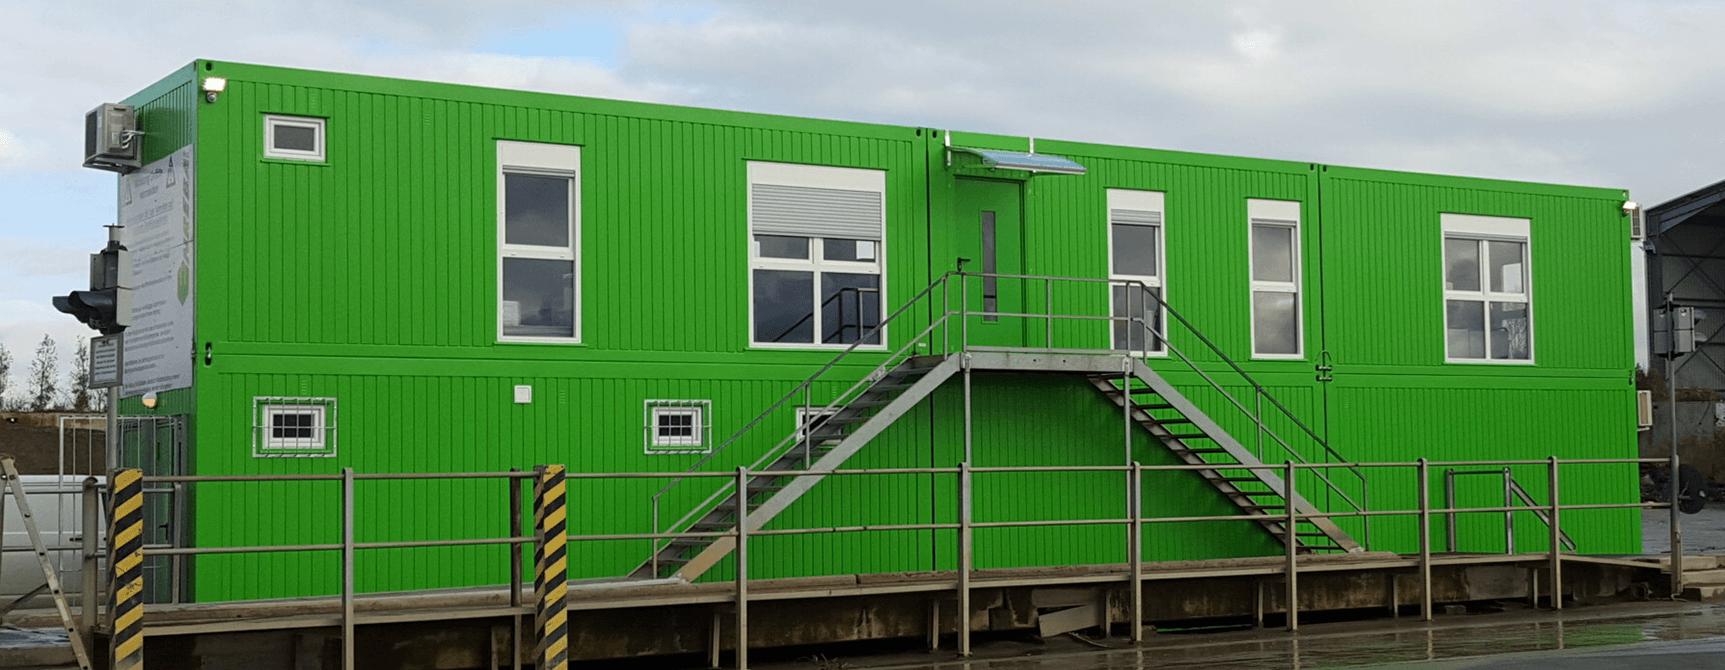 Bürocontaineranlagen